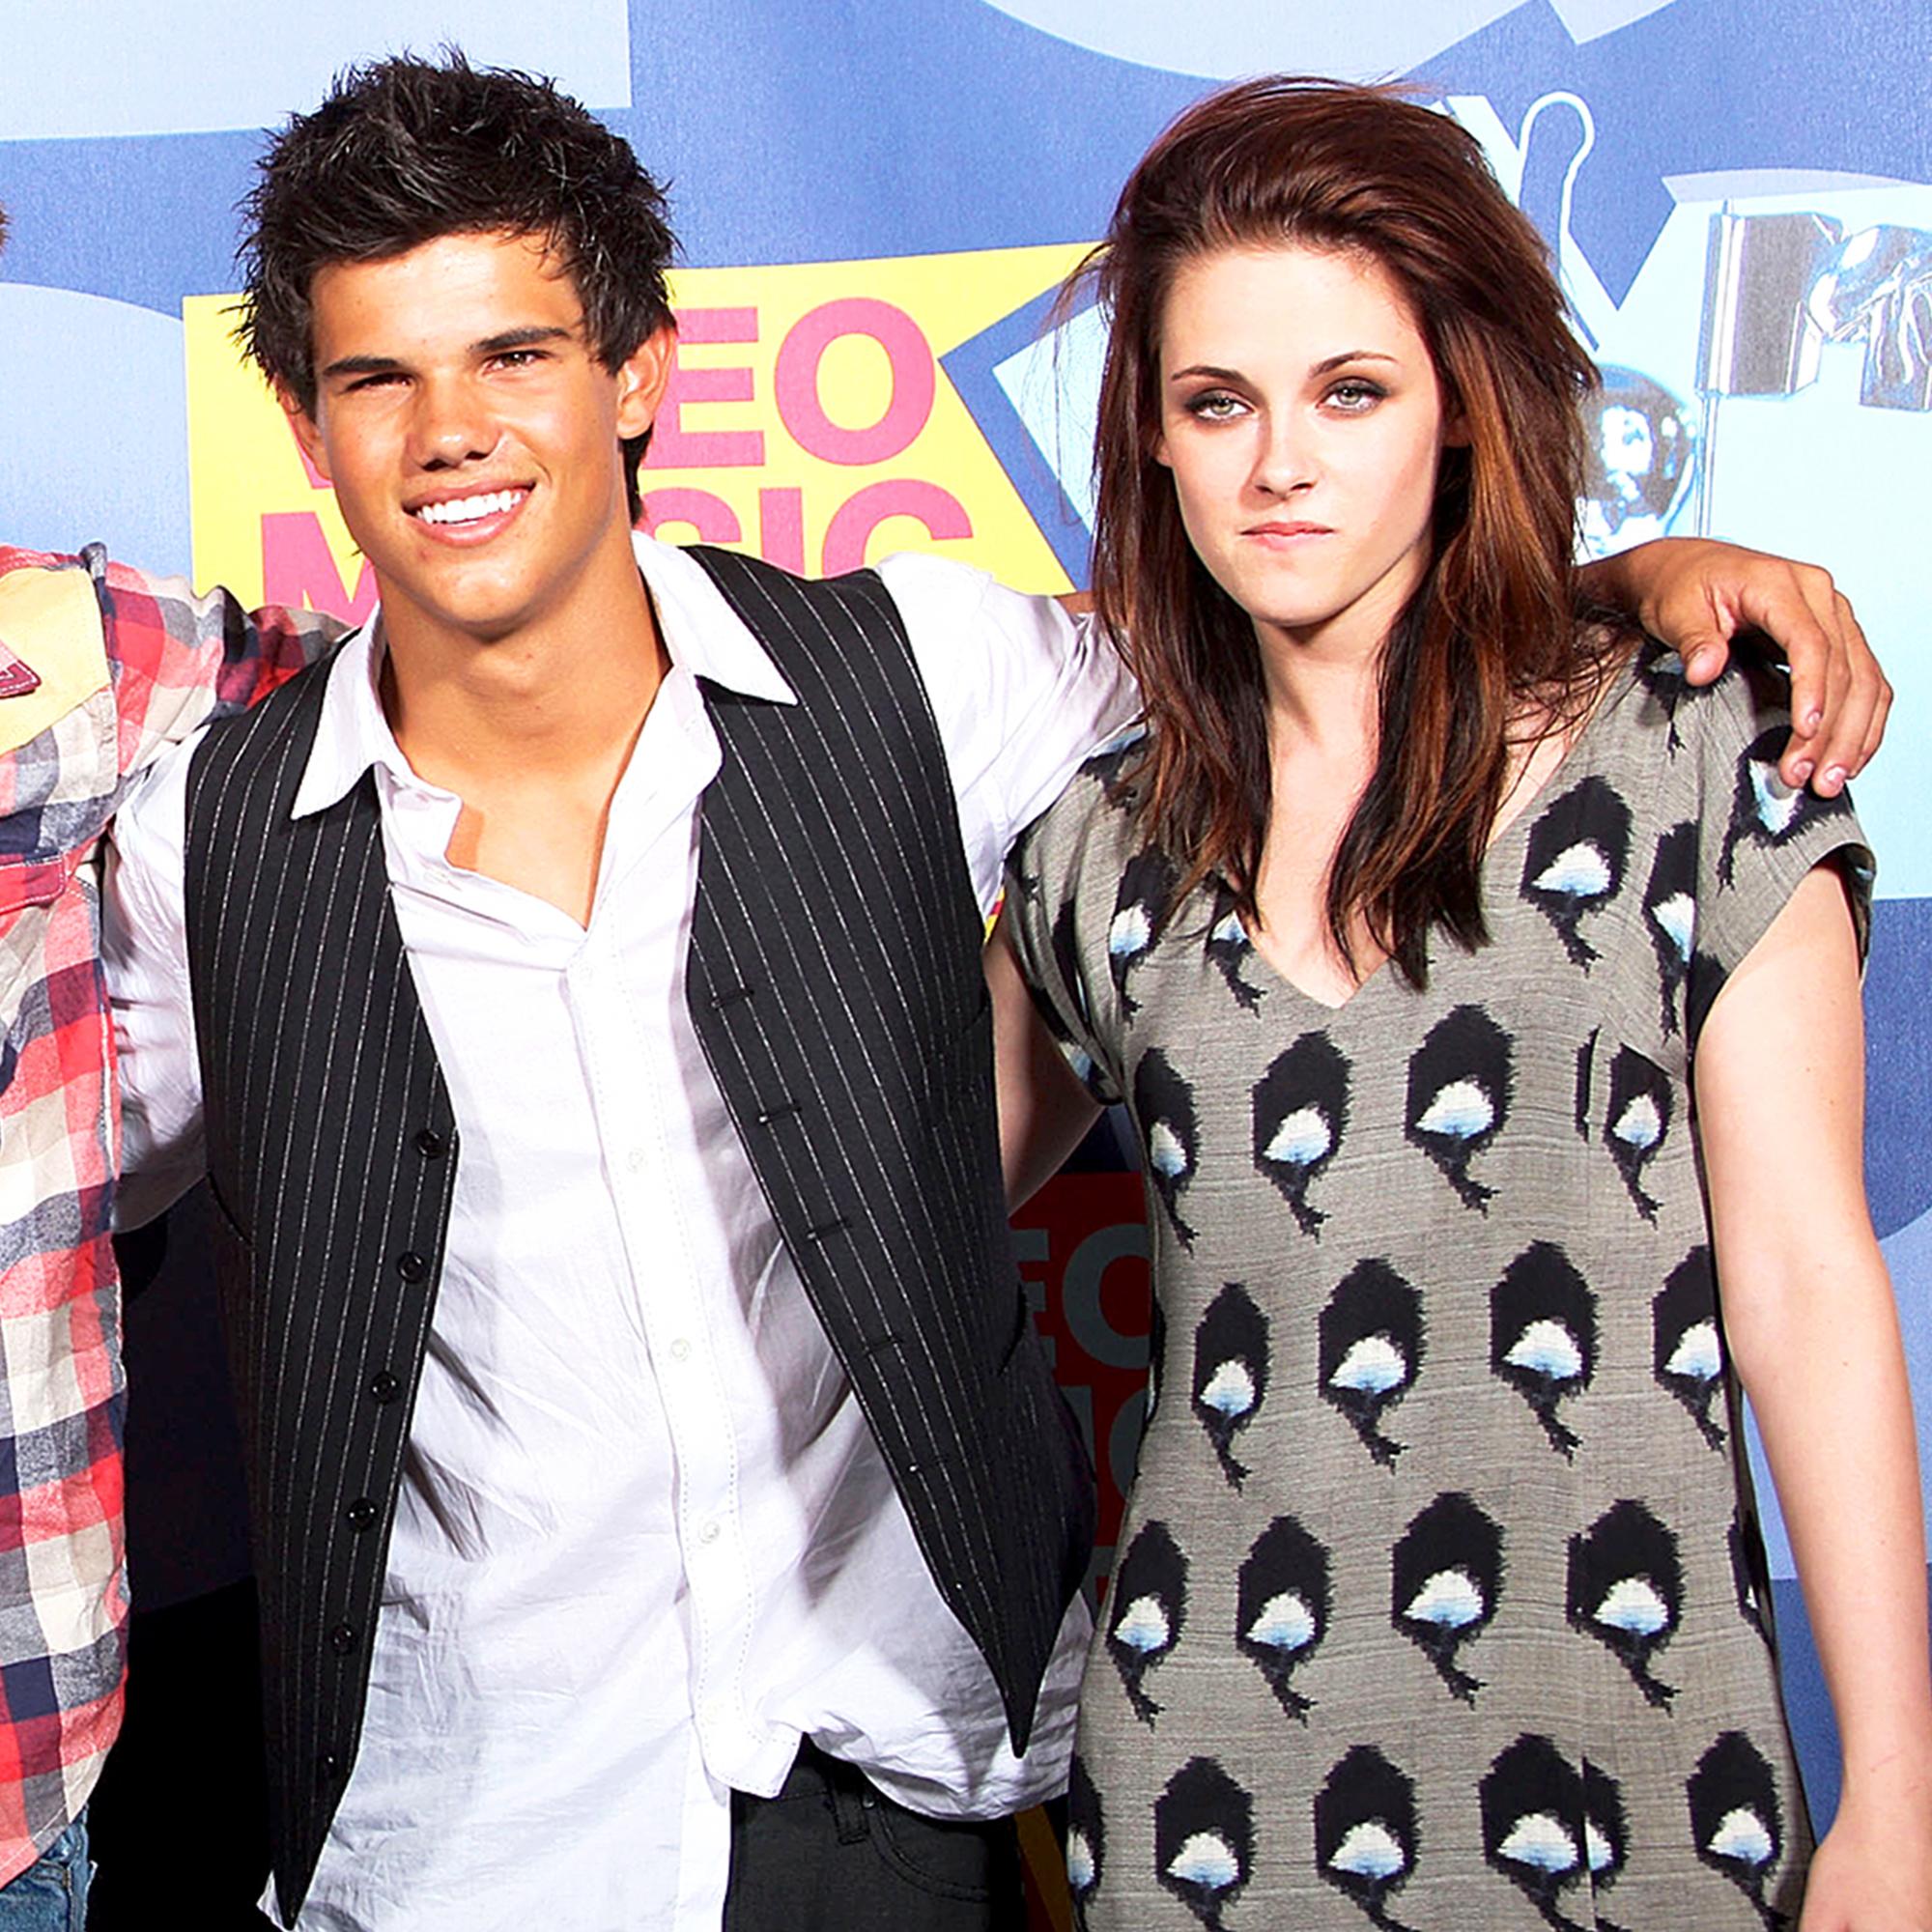 Taylor Lautner and Kirsten Stewart